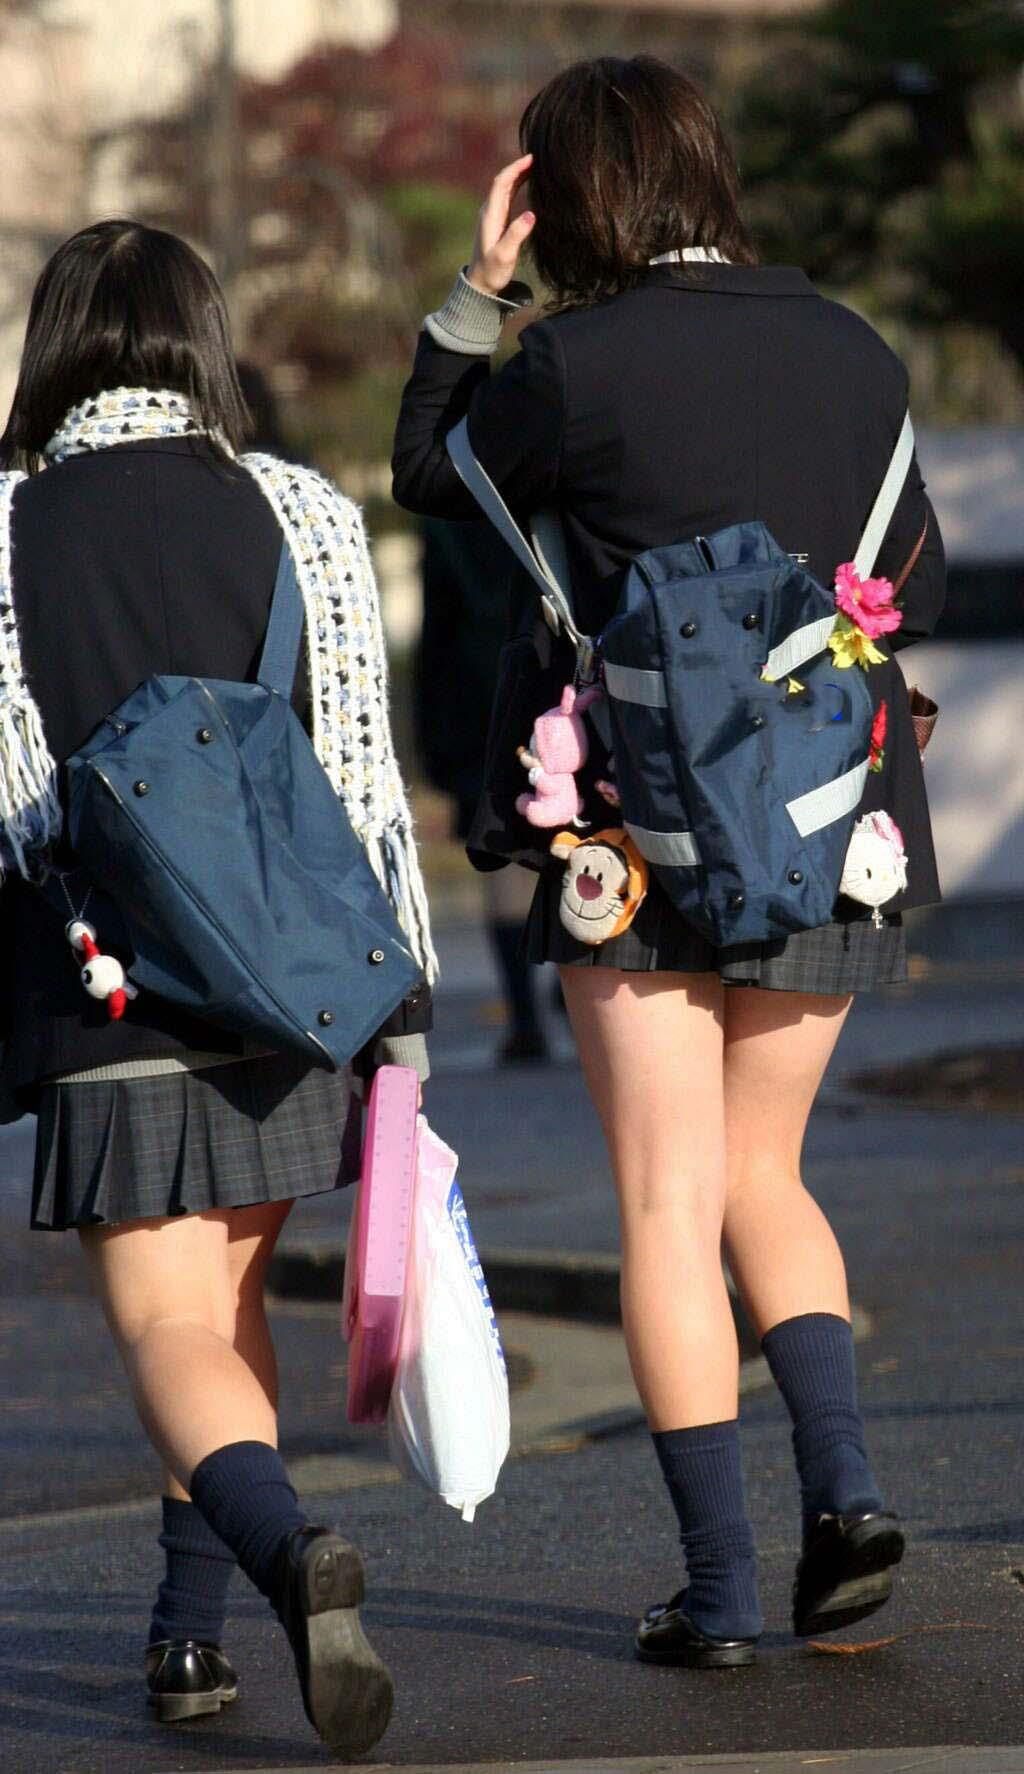 女子校生の美少女たちの眩しすぎる美脚がエロい!